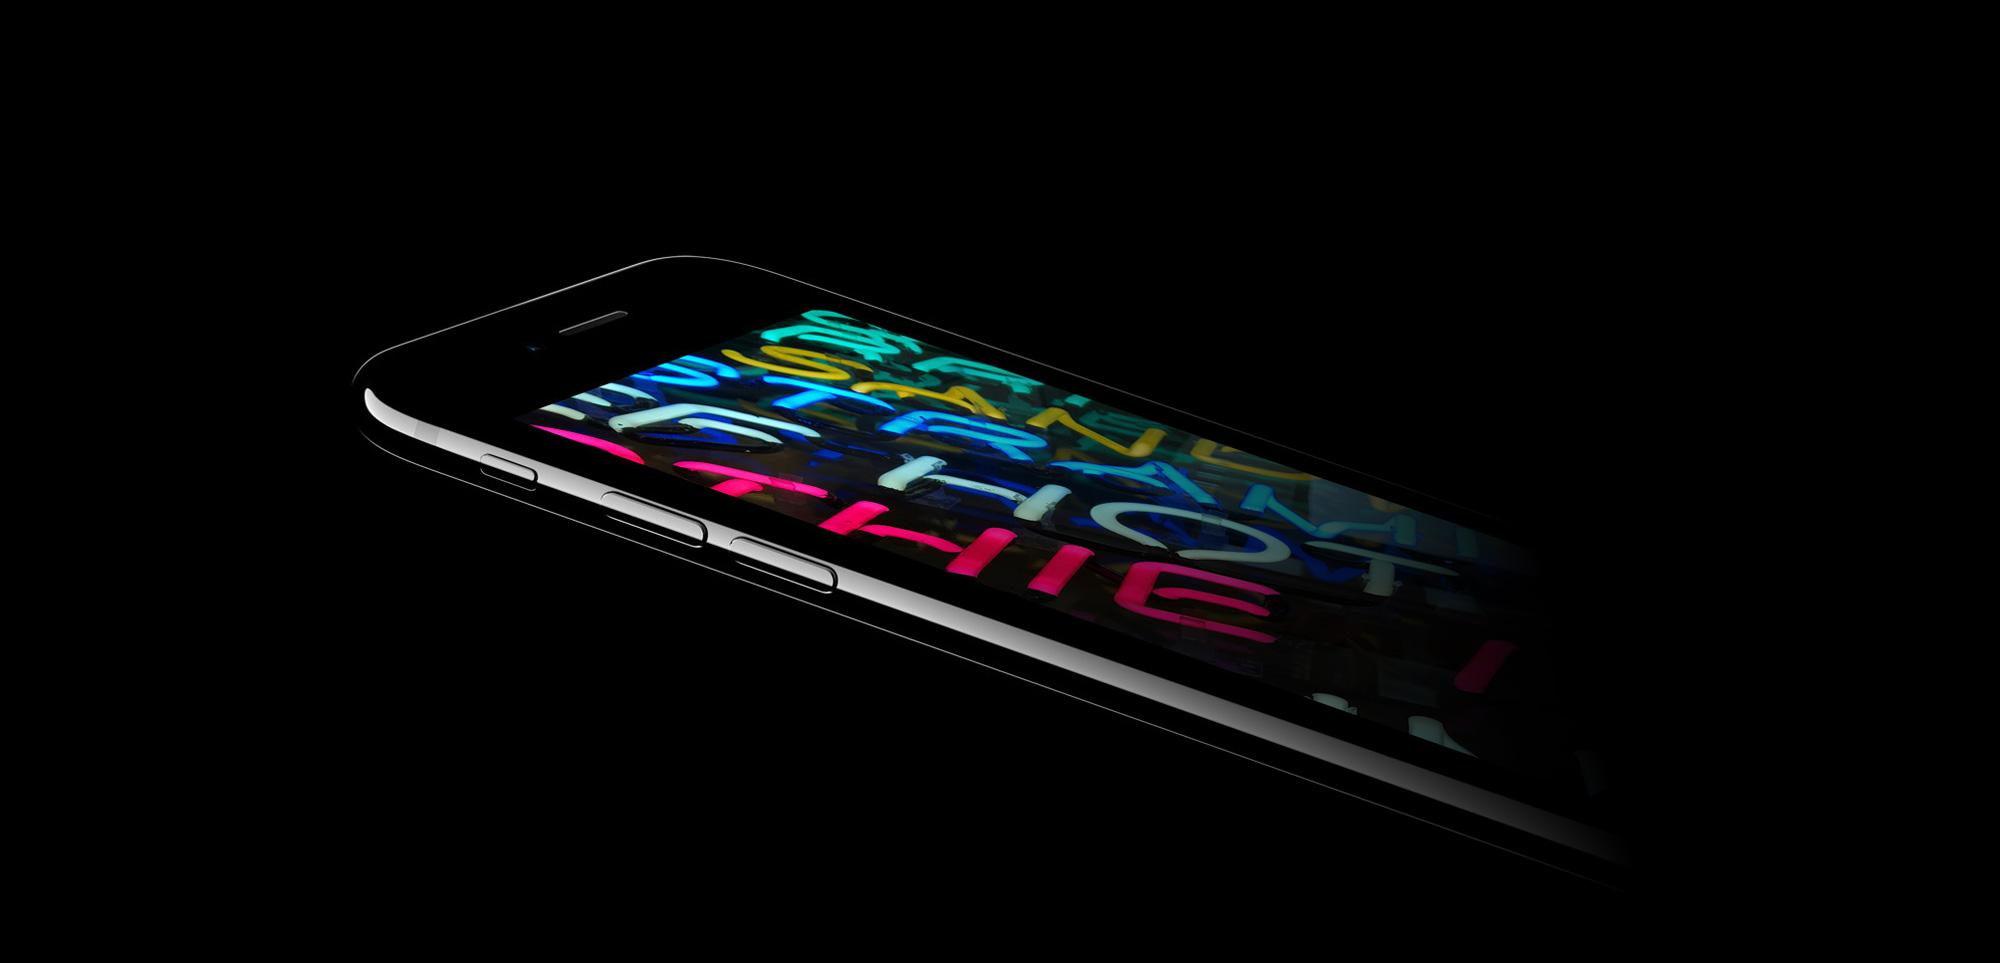 10 điểm đột phá trên iPhone 7 và iPhone 7 Plus khiến bạn không mua không được - Ảnh 22.